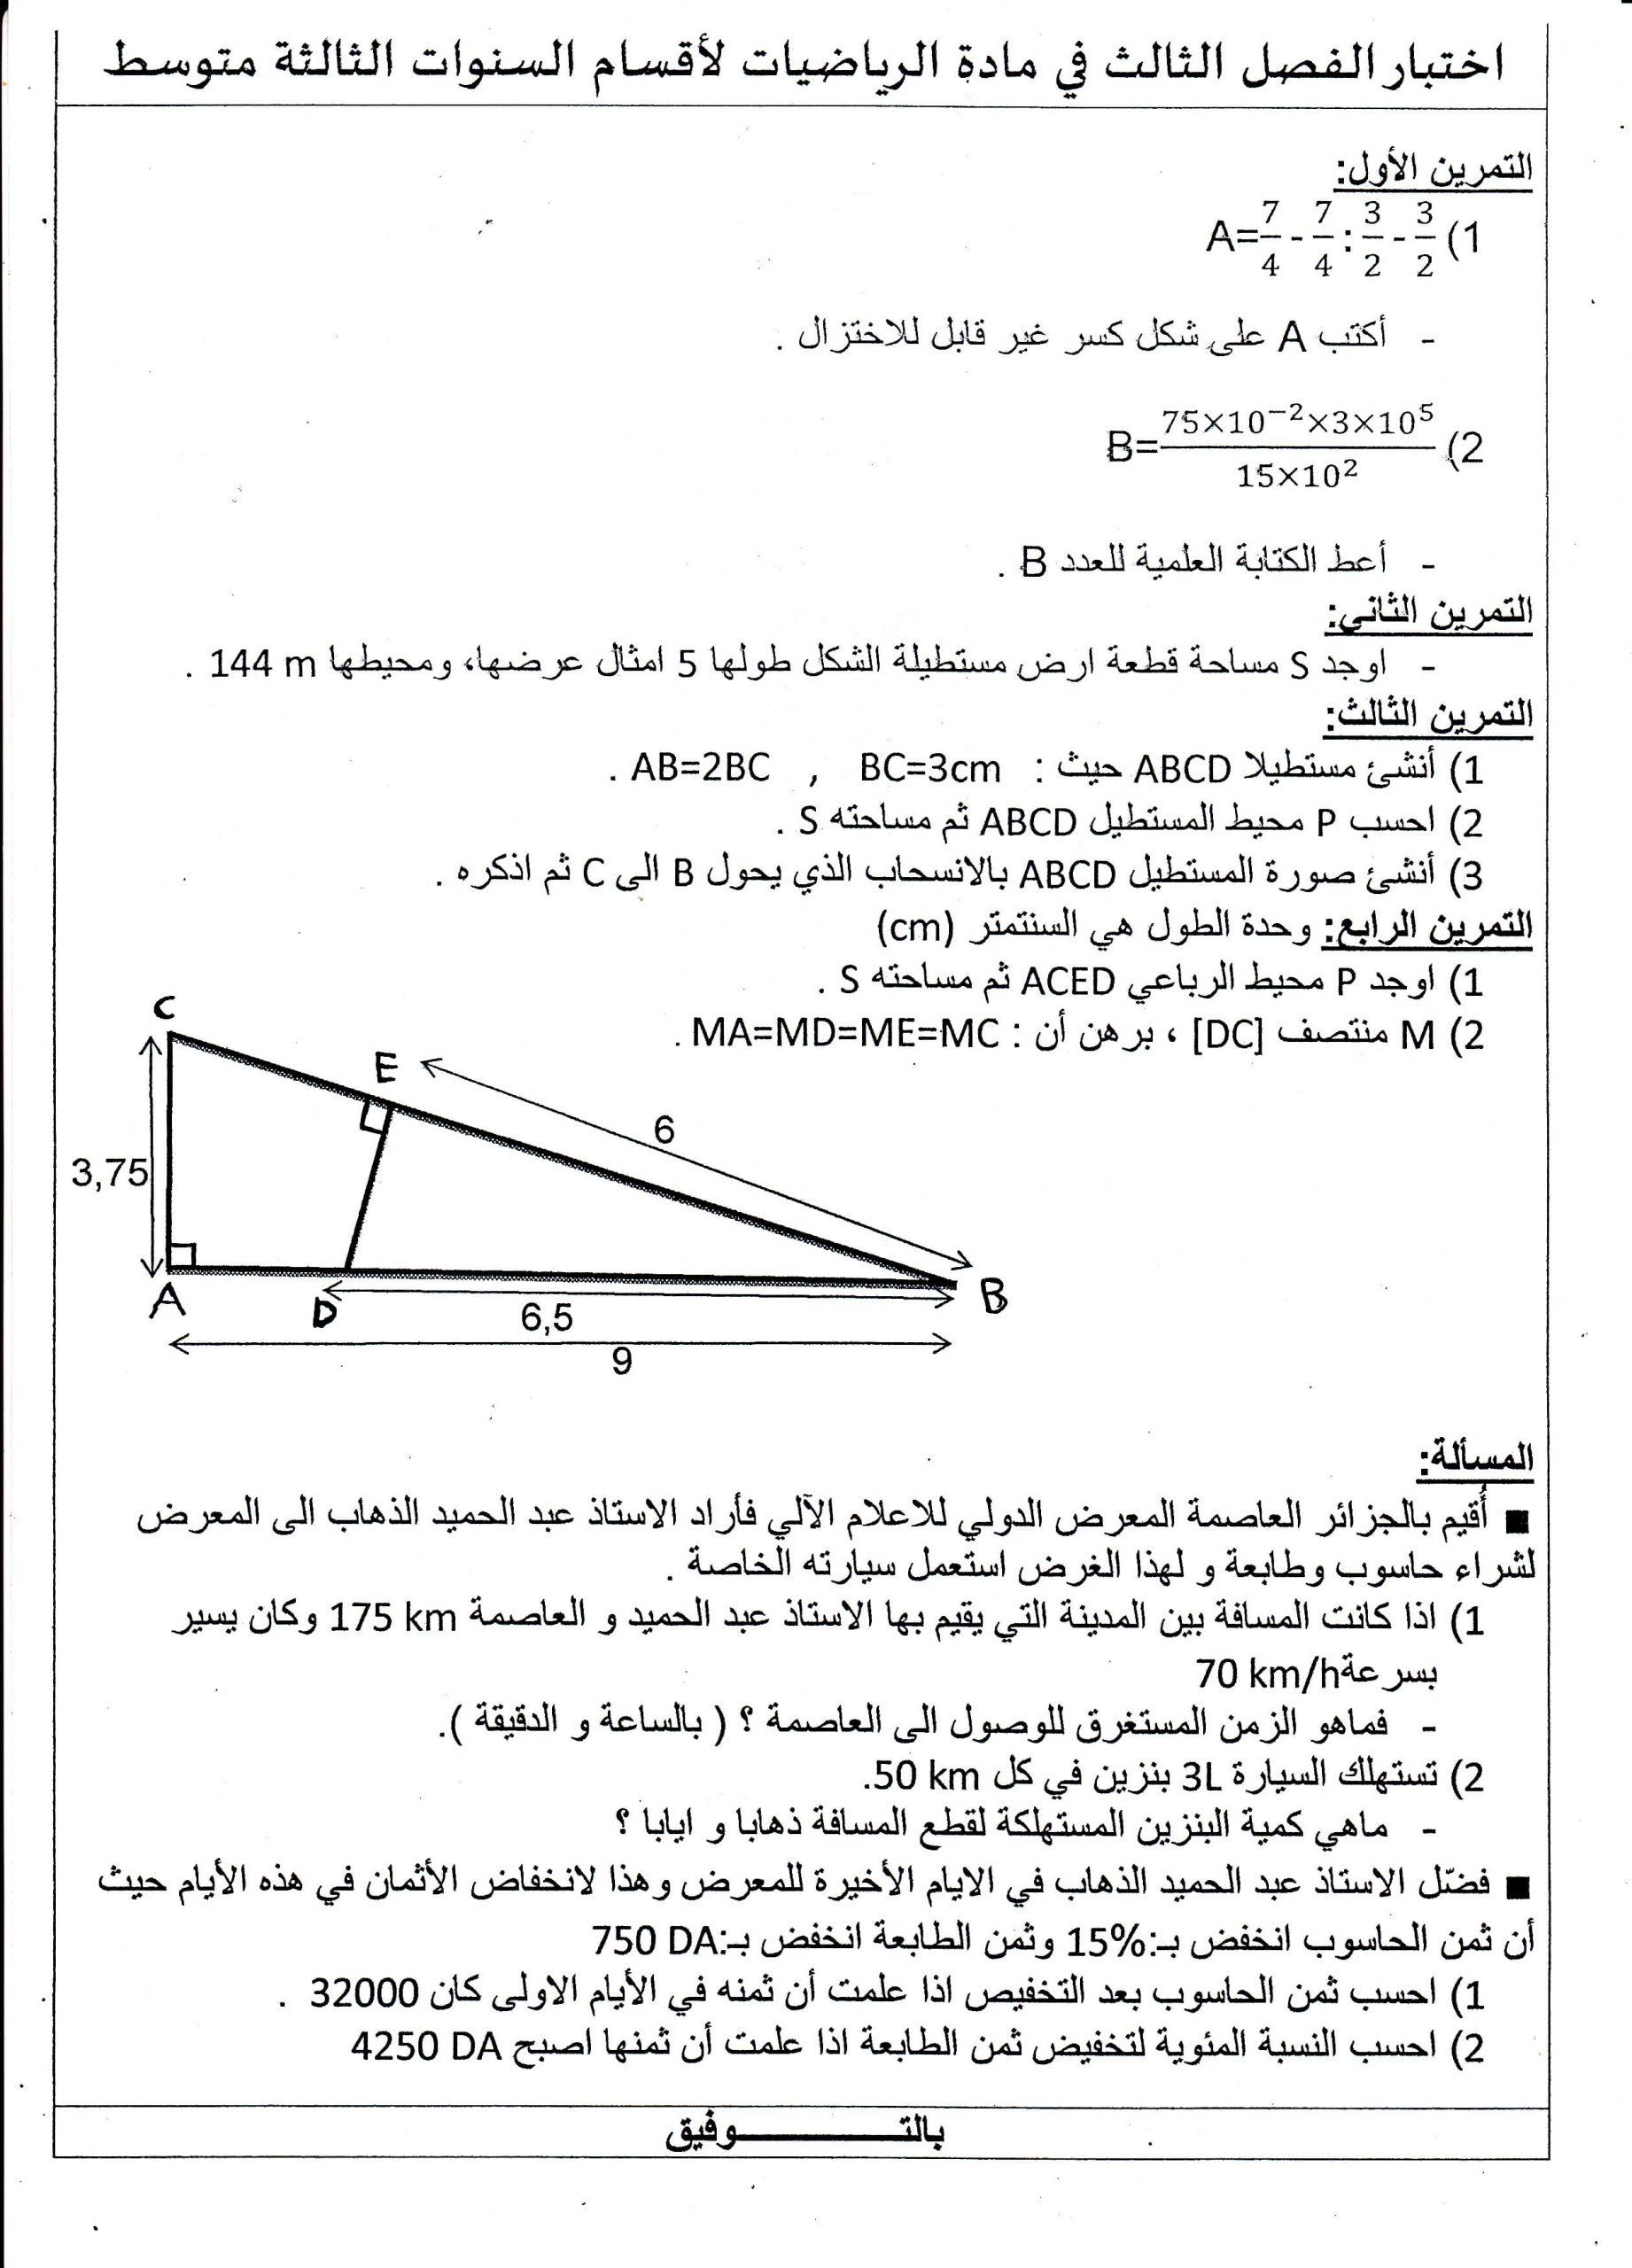 اختبار الفصل الثالث في مادة الرياضيات السنة الثالثة متوسط | الموضوع 02